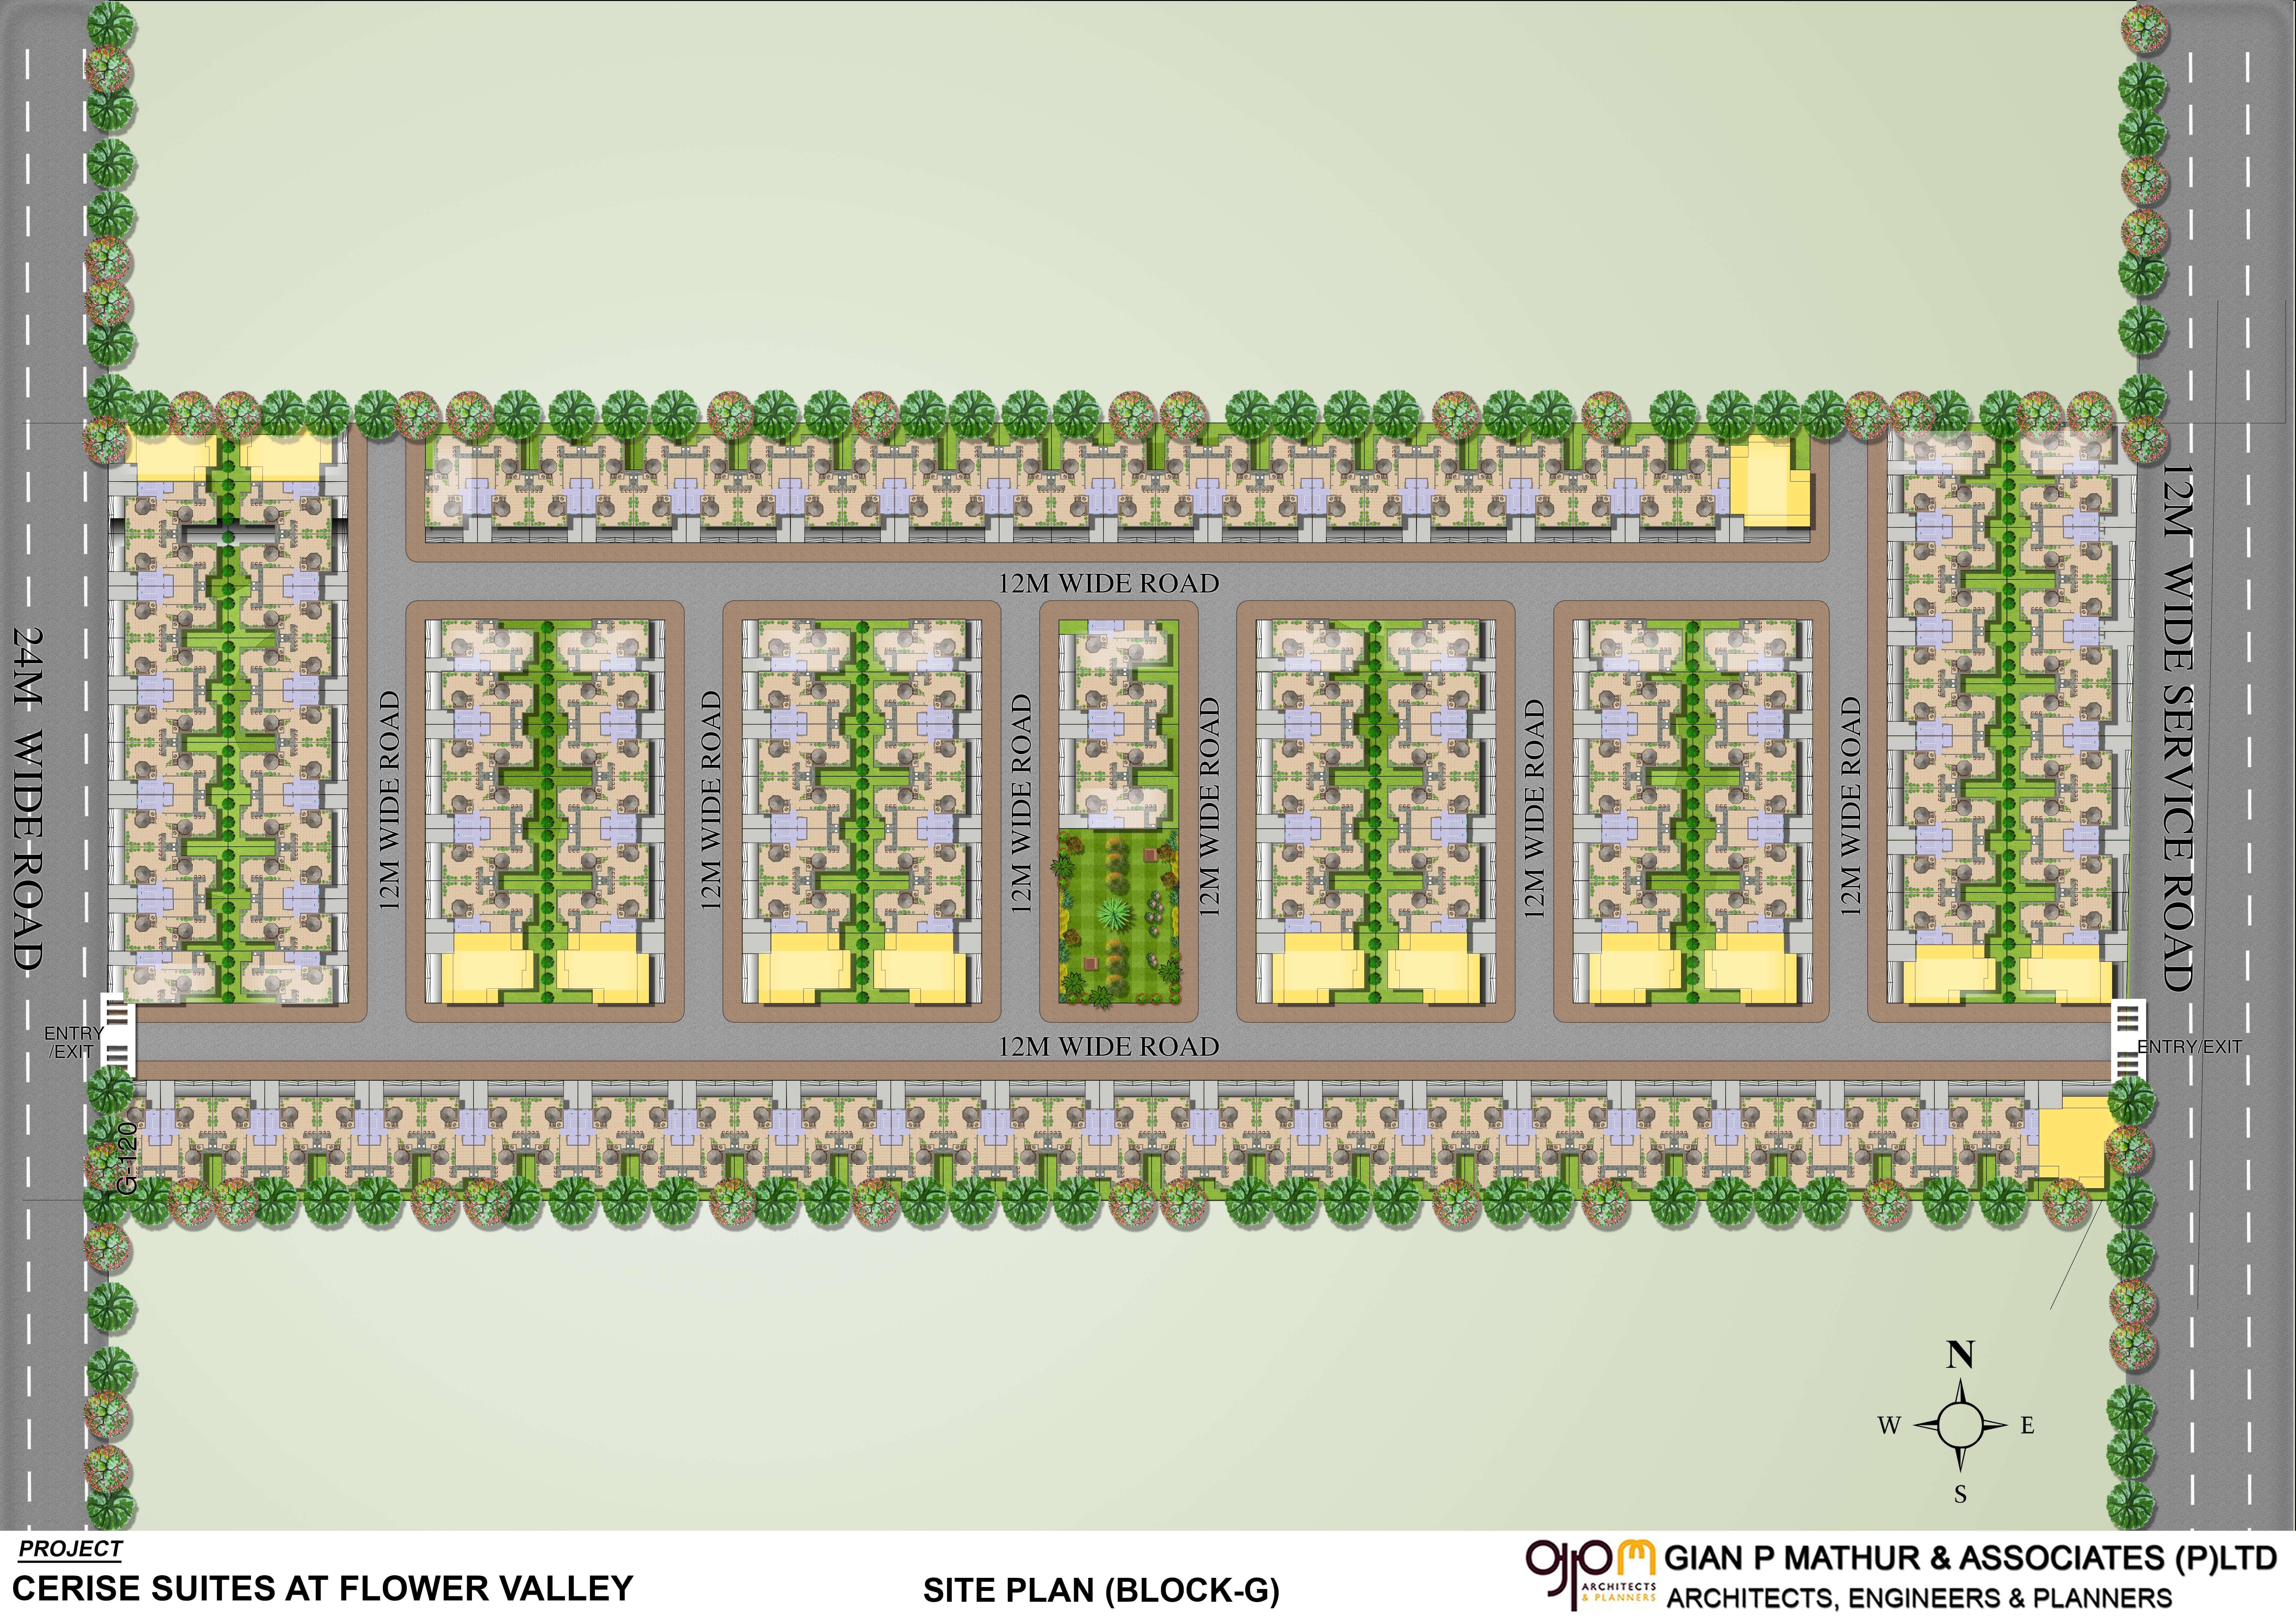 central park cerise suites master plan image1